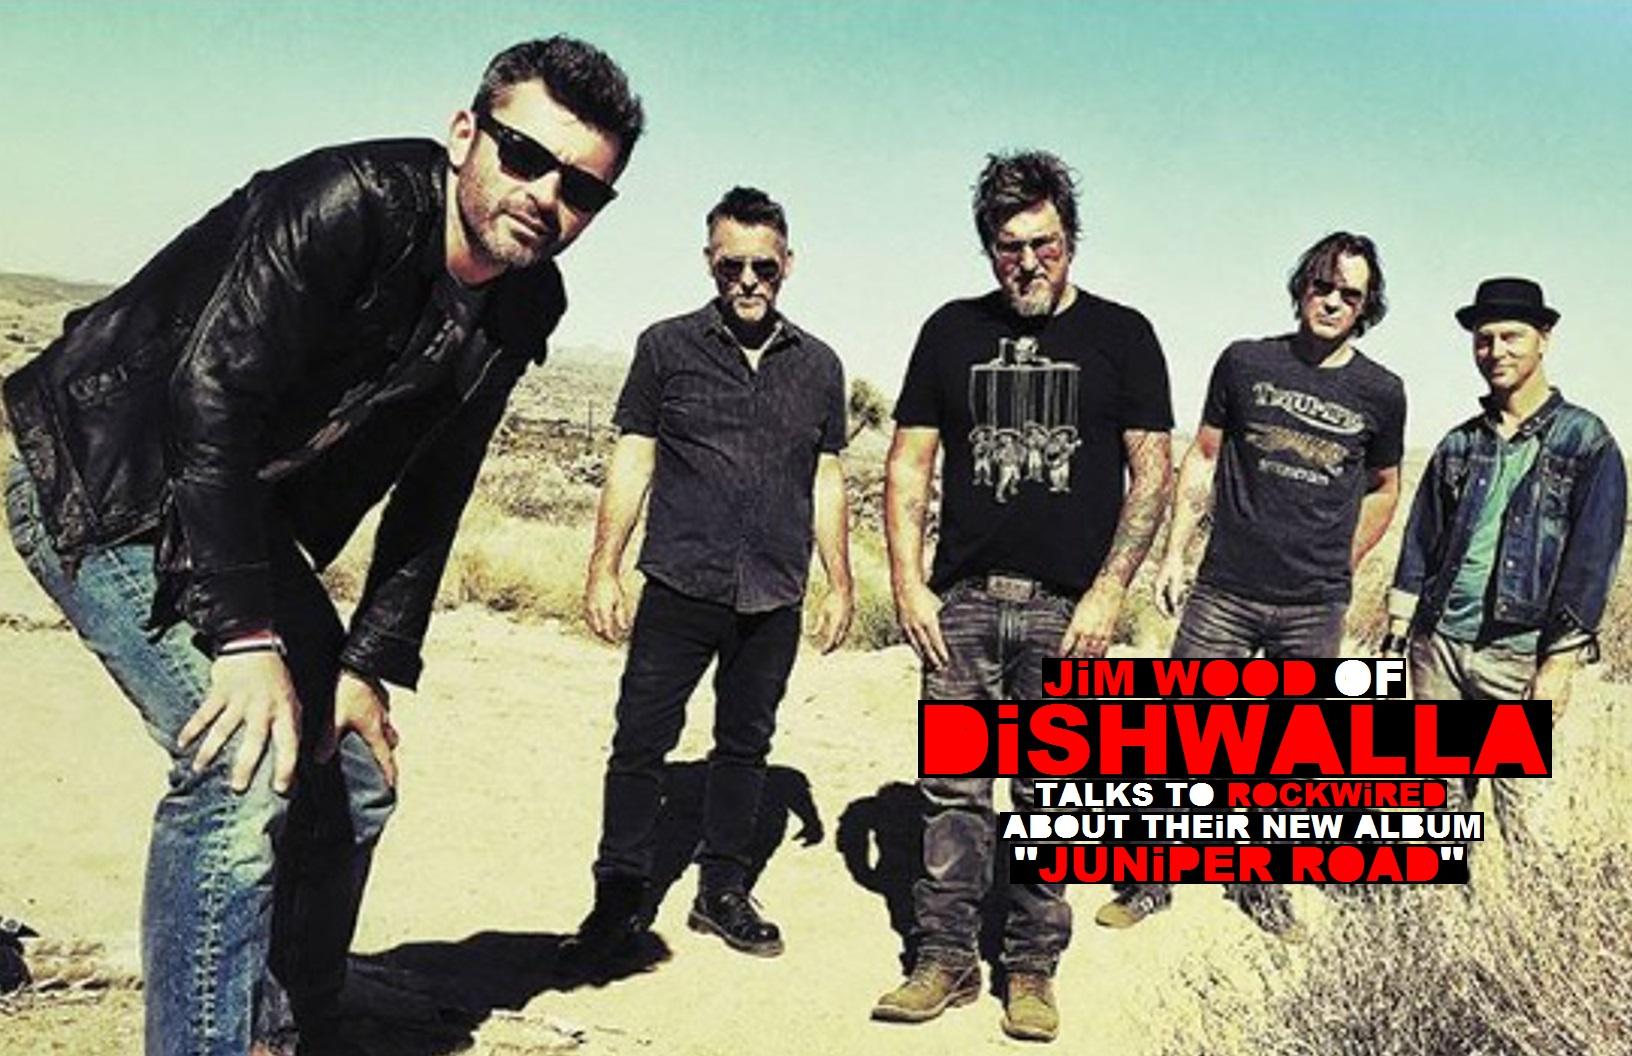 http://www.rockwired.com/Dishwalla2017.jpg